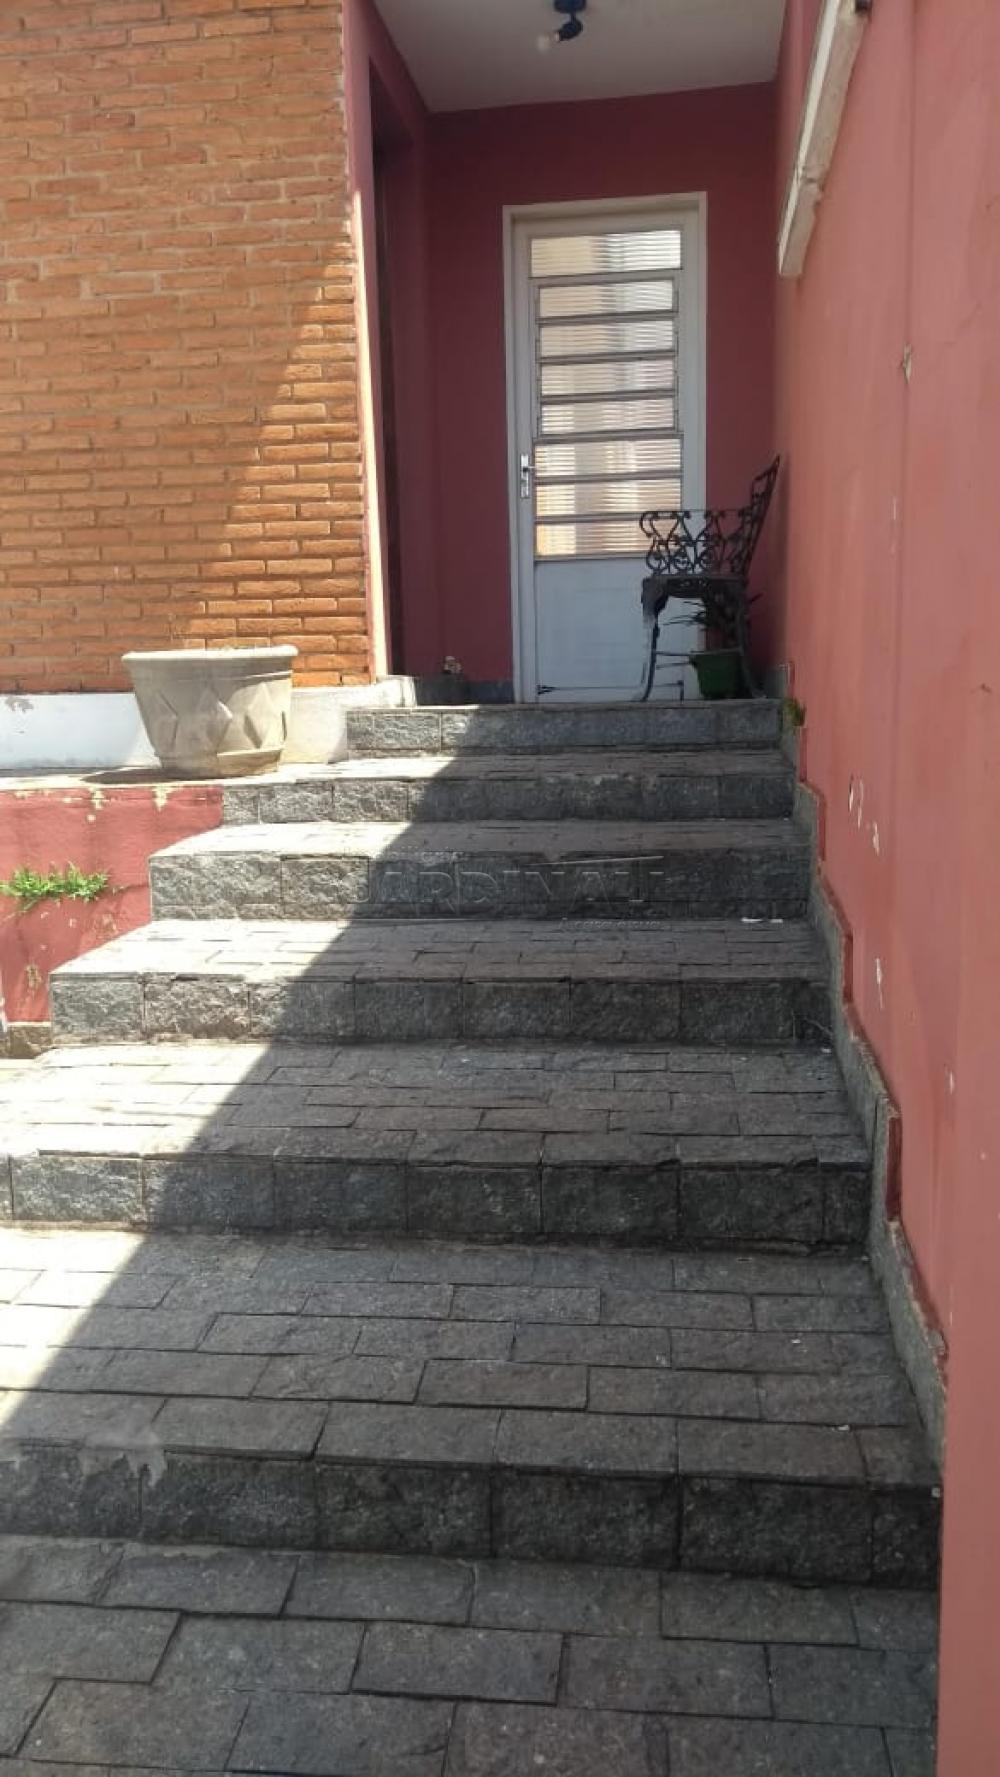 Comprar Casa / Padrão em São Carlos R$ 380.000,00 - Foto 4